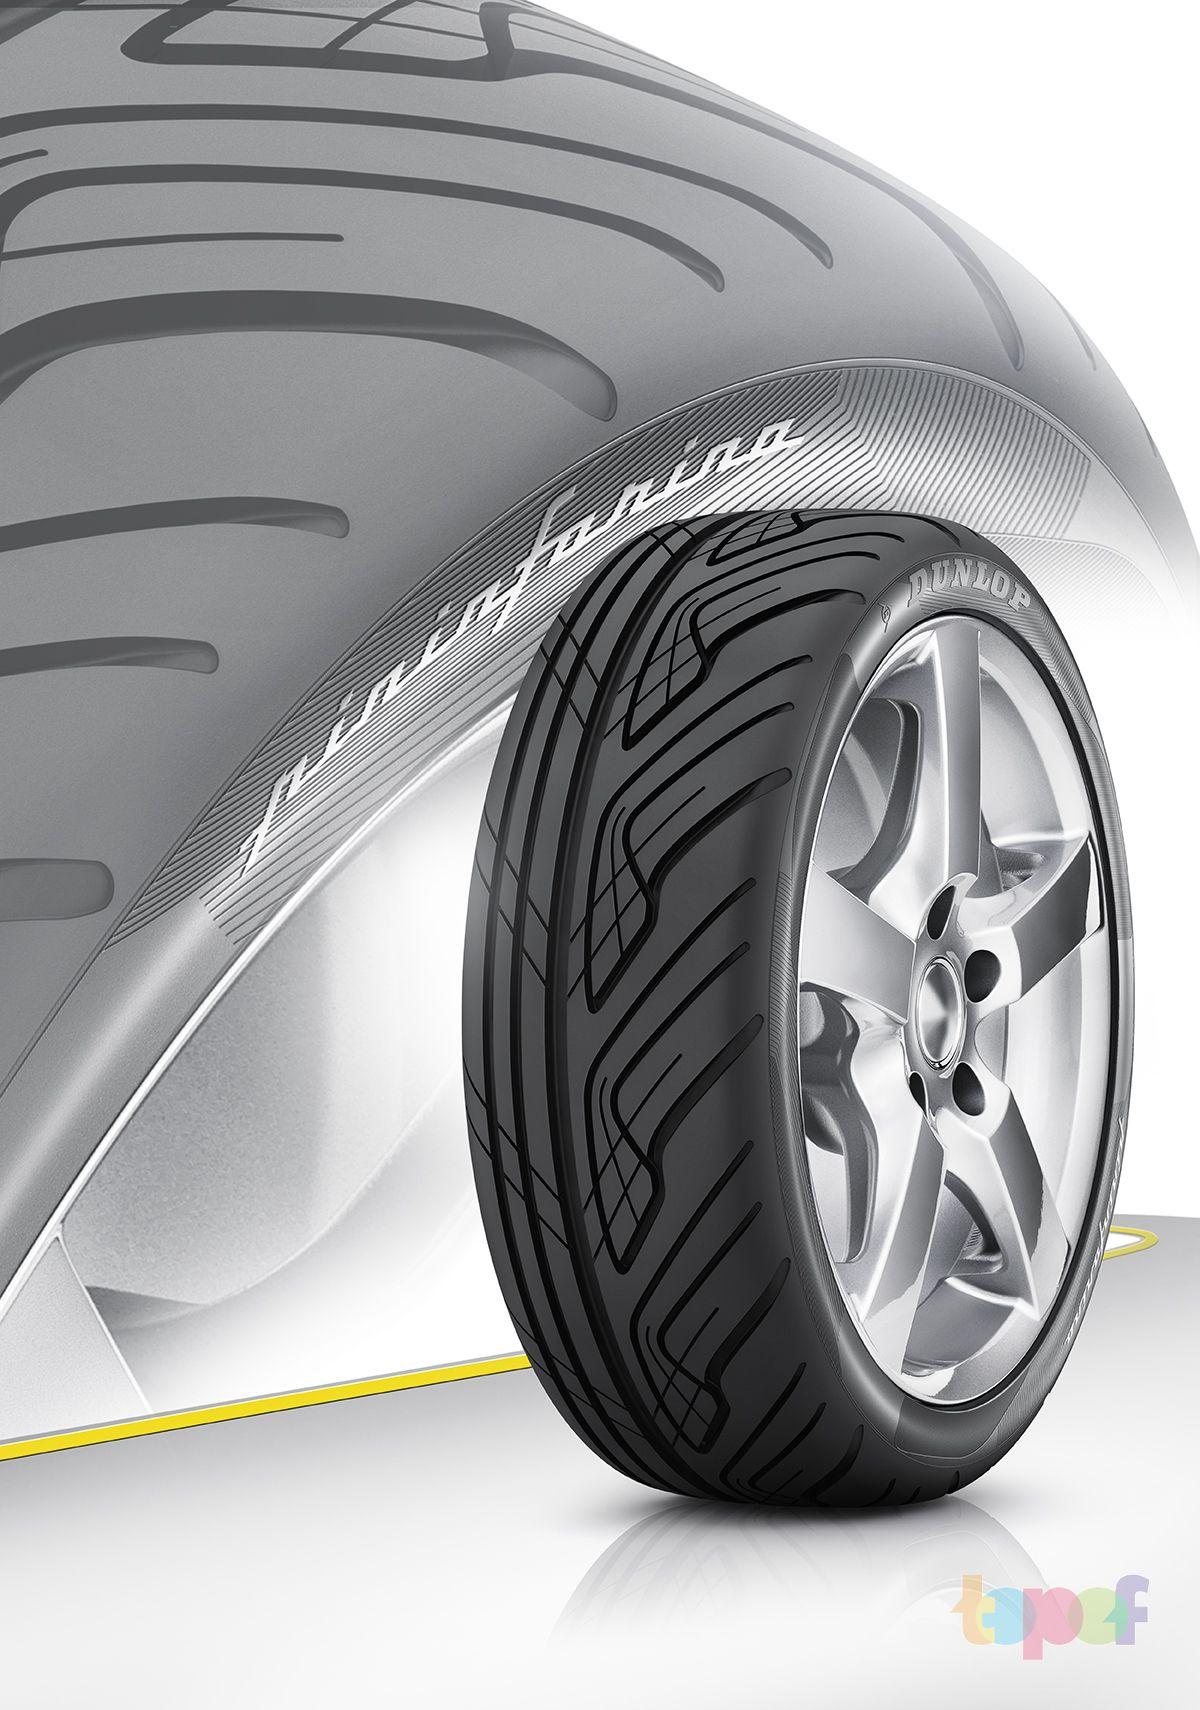 Разное от Dunlop (Шины). Концепт шины без массового производства